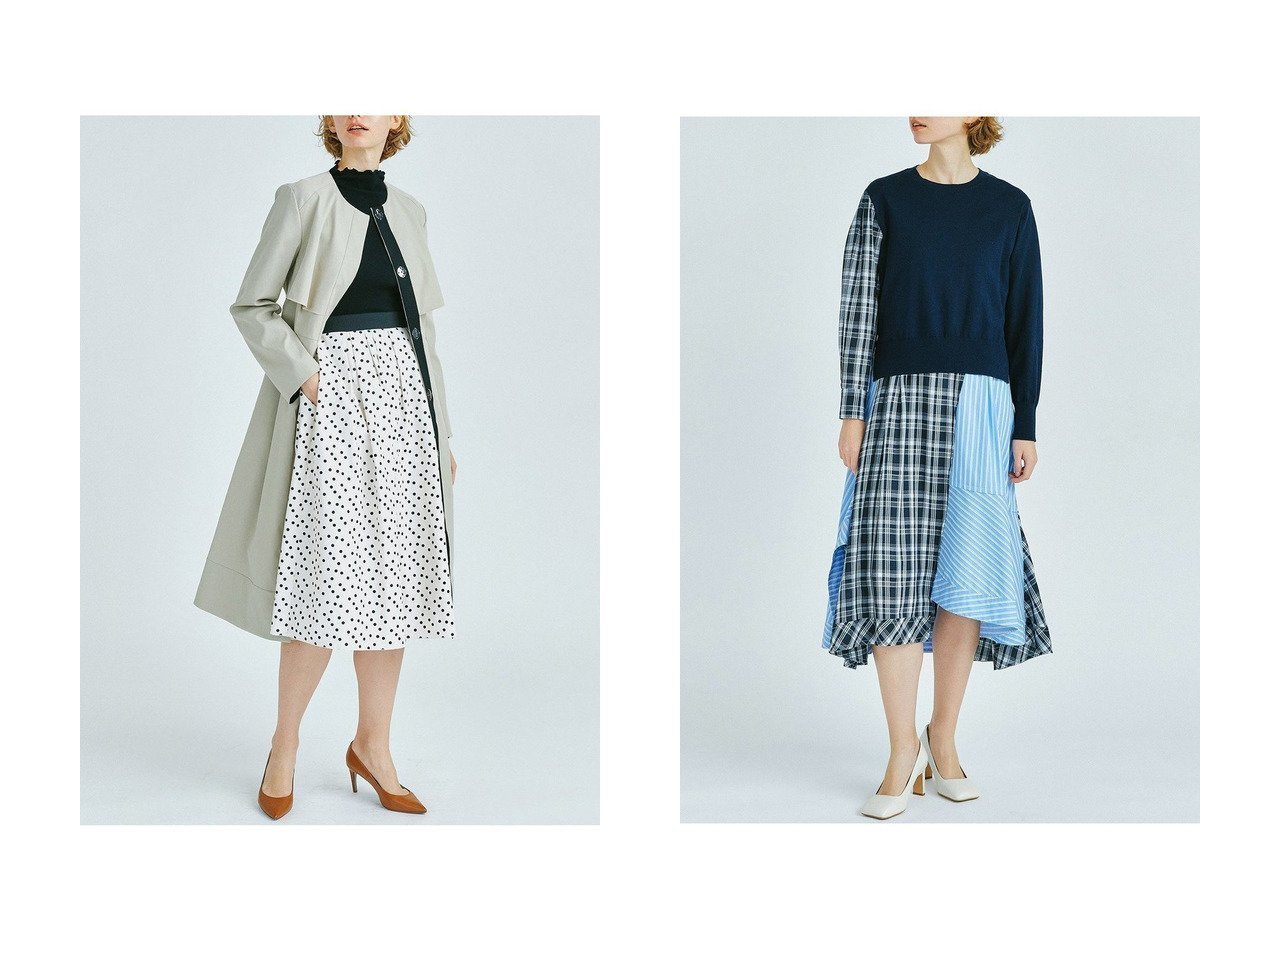 【LANVIN en Bleu/ランバン オン ブルー】のニットコンビMIXパターンワンピース&ノーカラーベルト付きコート LANVIN en Bleuのおすすめ!人気、トレンド・レディースファッションの通販 おすすめで人気の流行・トレンド、ファッションの通販商品 メンズファッション・キッズファッション・インテリア・家具・レディースファッション・服の通販 founy(ファニー) https://founy.com/ ファッション Fashion レディースファッション WOMEN アウター Coat Outerwear コート Coats ベルト Belts ワンピース Dress 春 Spring クール トレンド ハイネック フレア フロント リボン ロング 2021年 2021 S/S 春夏 SS Spring/Summer 2021 春夏 S/S SS Spring/Summer 2021 |ID:crp329100000019526